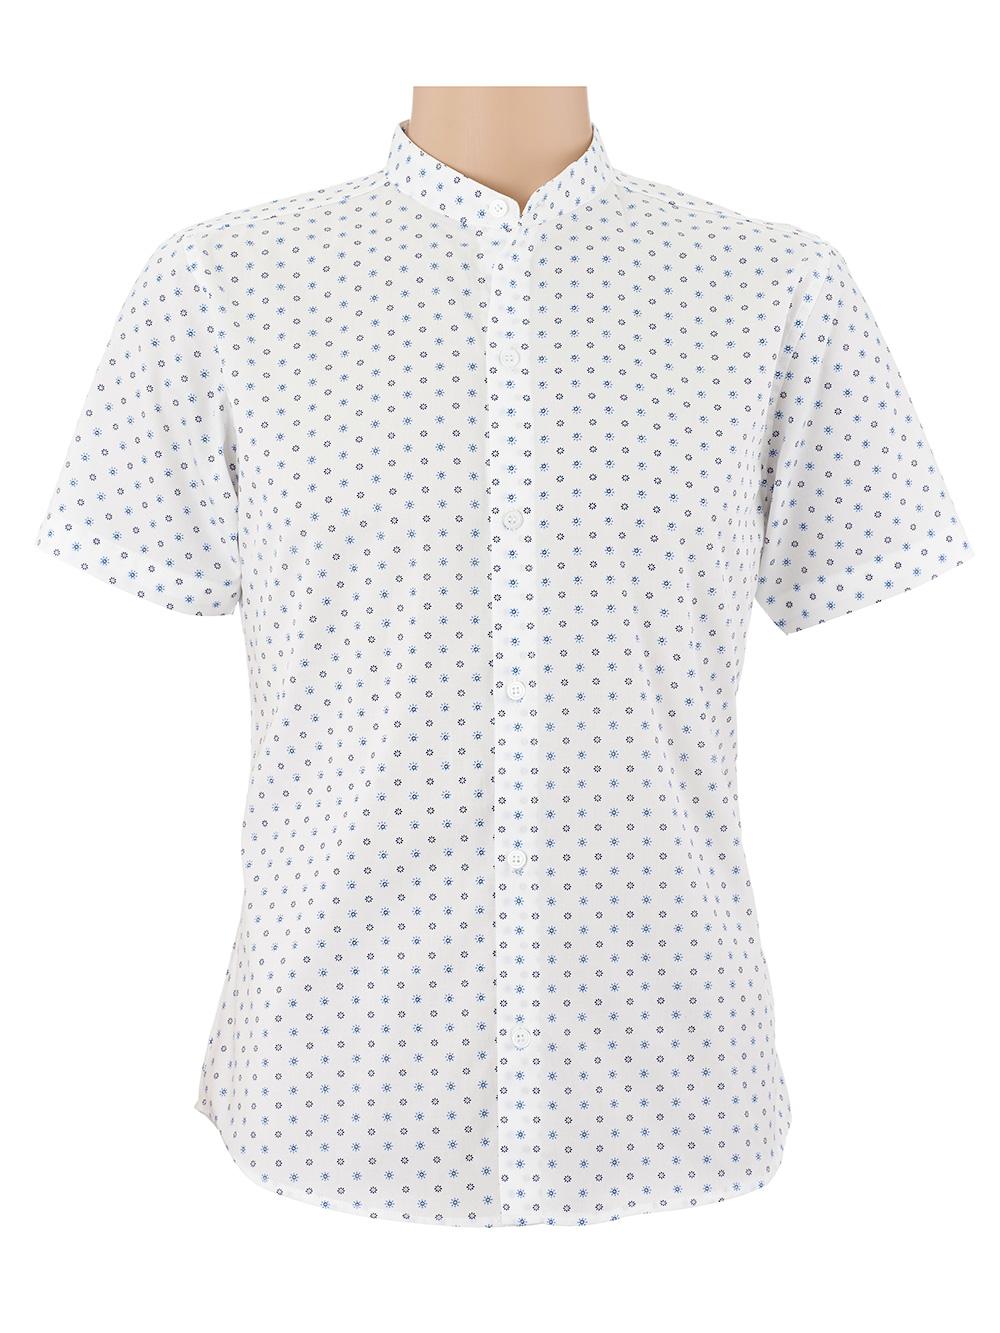 เสื้อเชิ้ตผู้ชายแขนสั้น คอจีน สีขาว พิมพ์ลายดอก